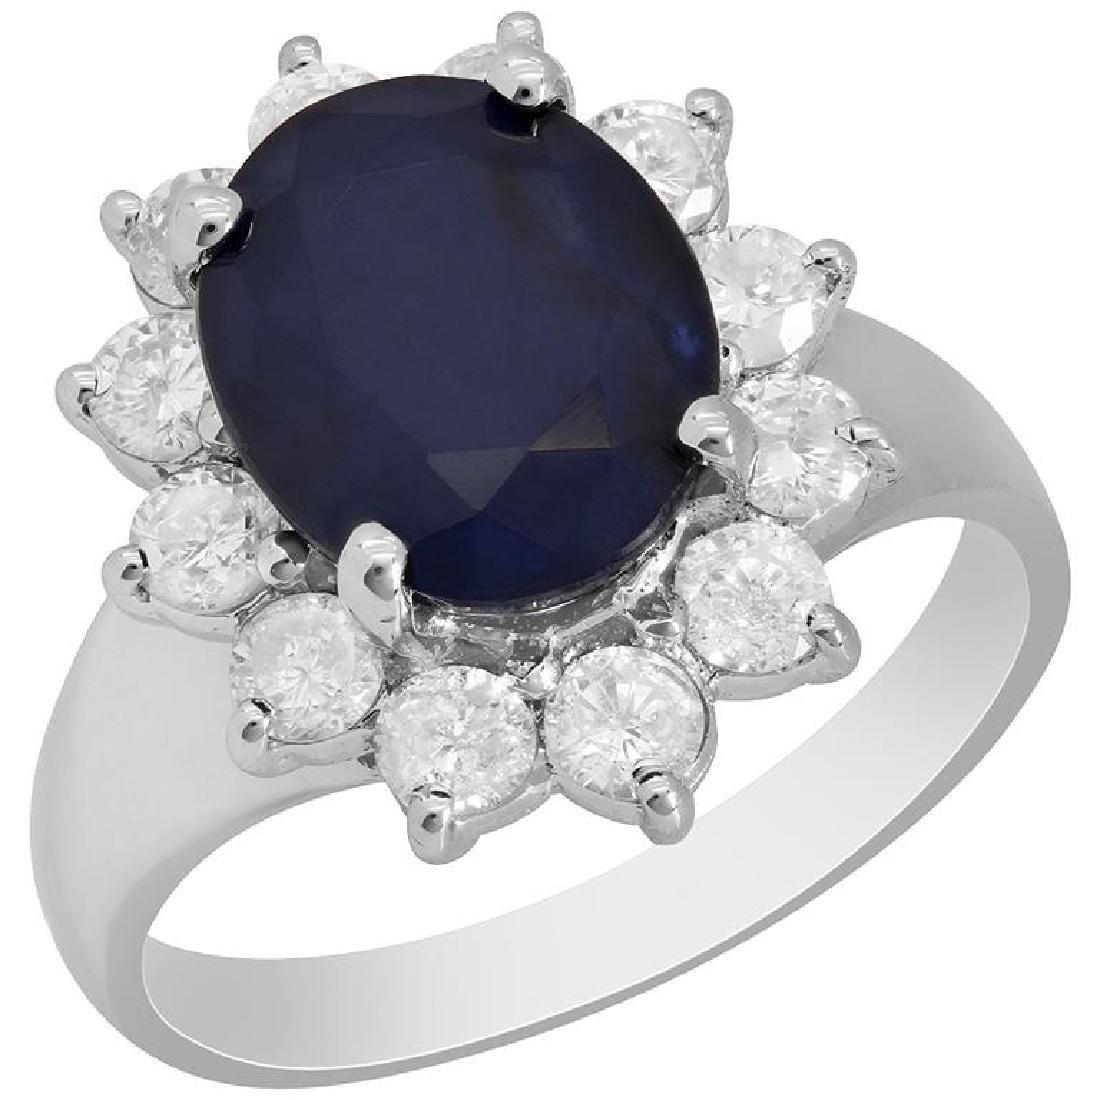 14k White Gold 5.06ct Sapphire 1.08ct Diamond Ring